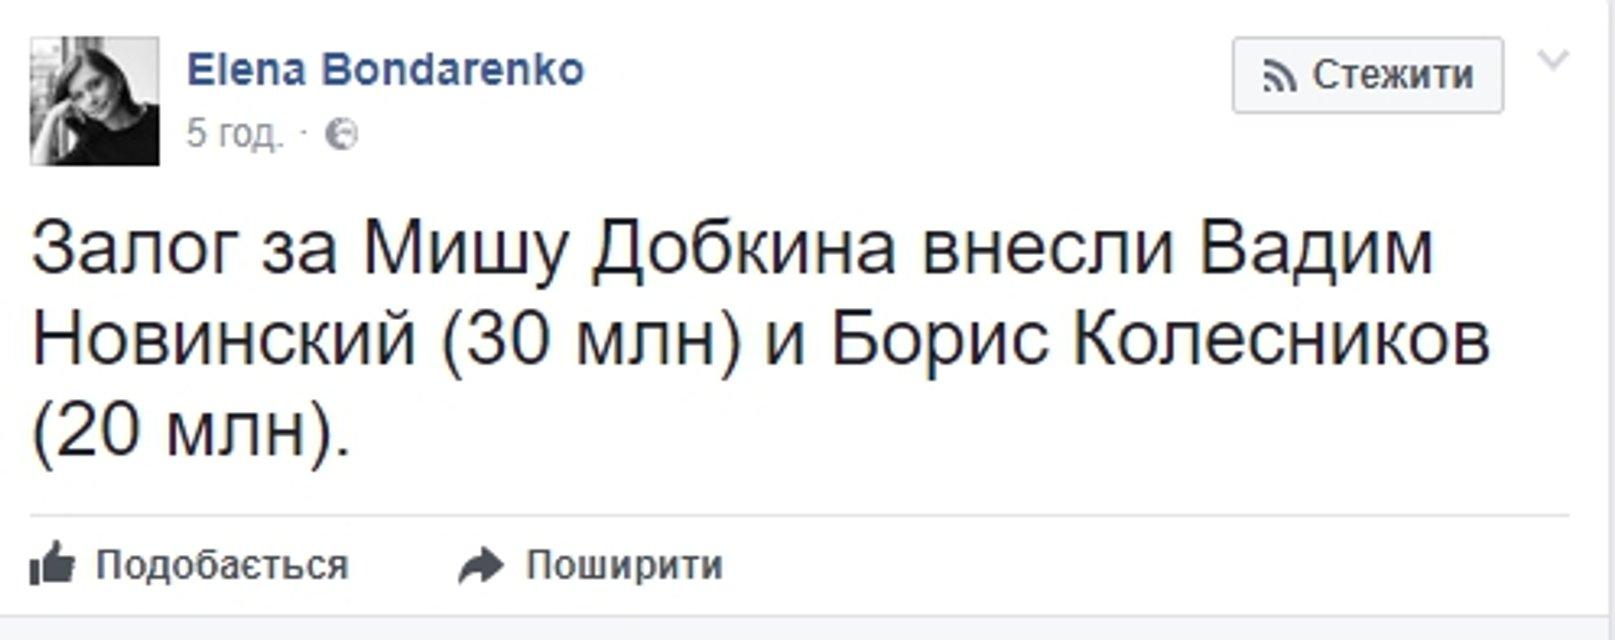 Вторую часть залога за Добкина внес соратник Януковича - фото 58859